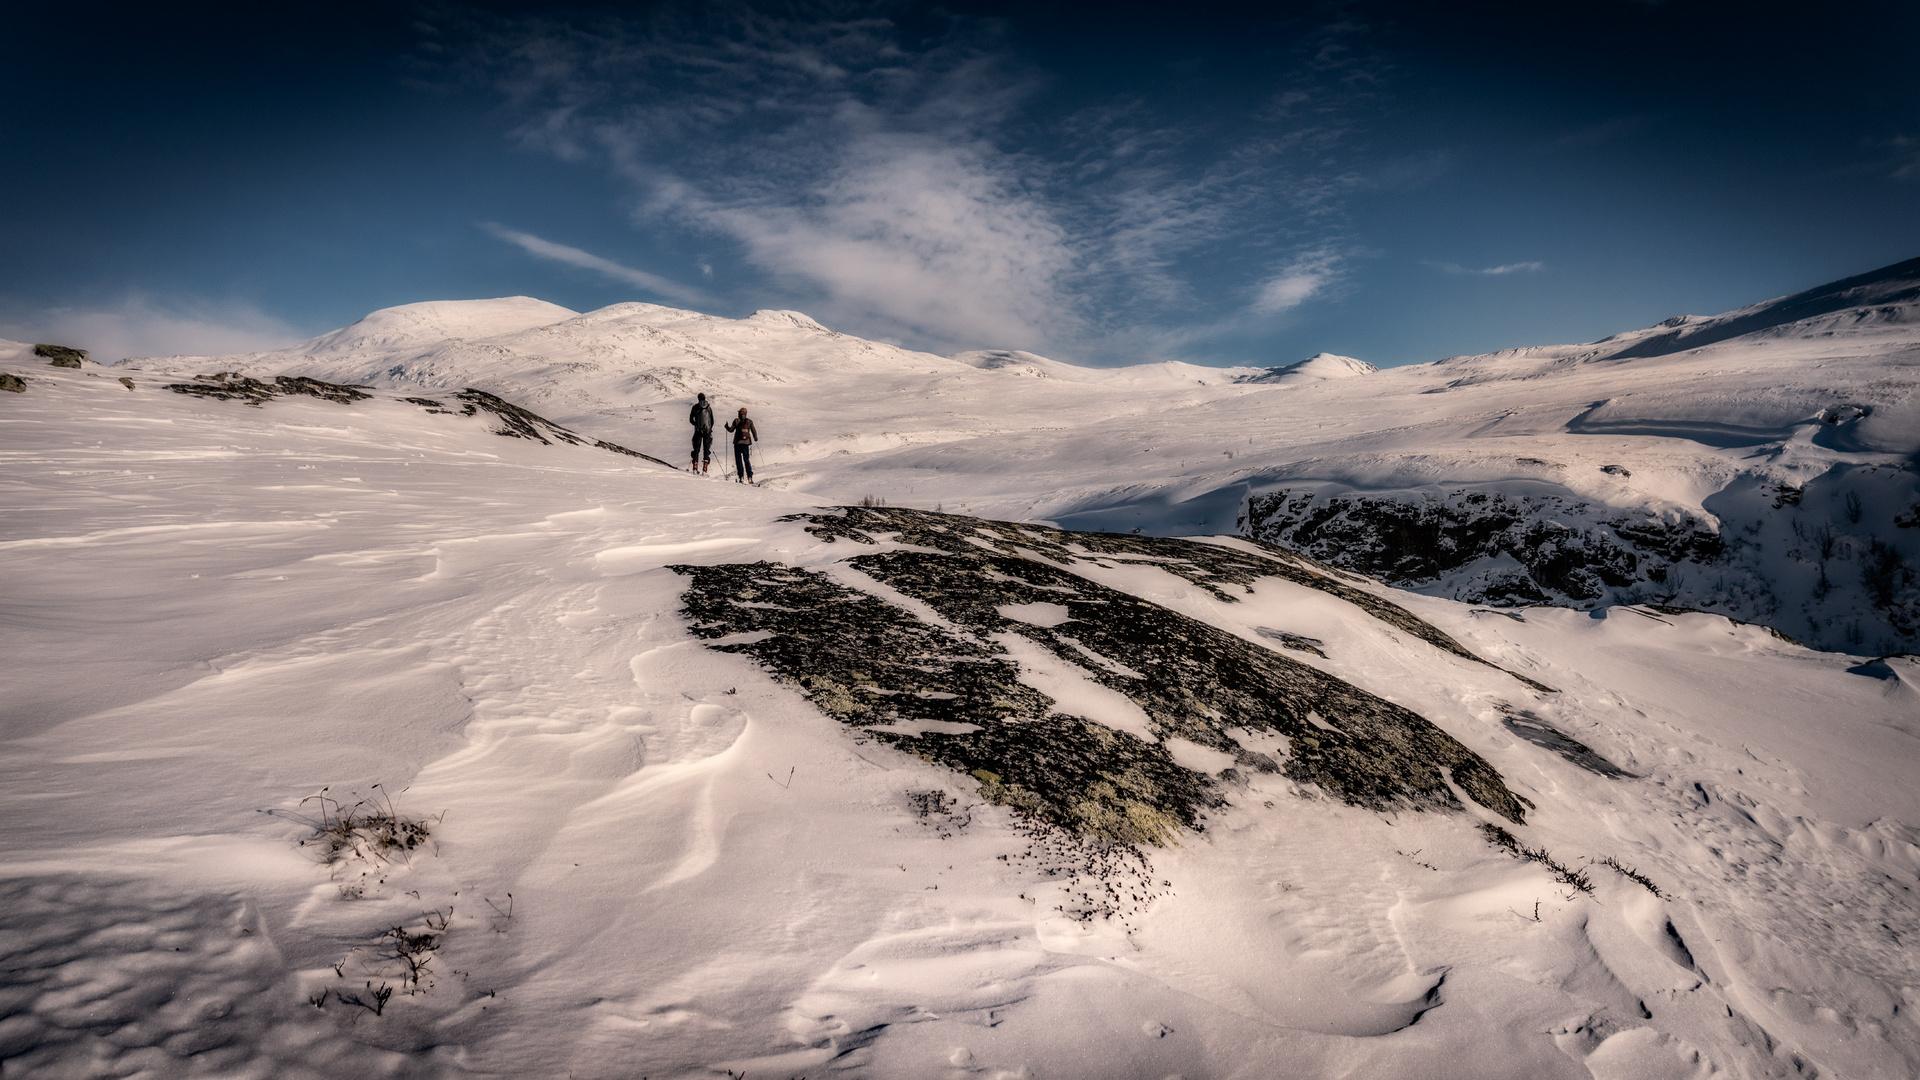 Dovrefjell & Sunndalsfjella